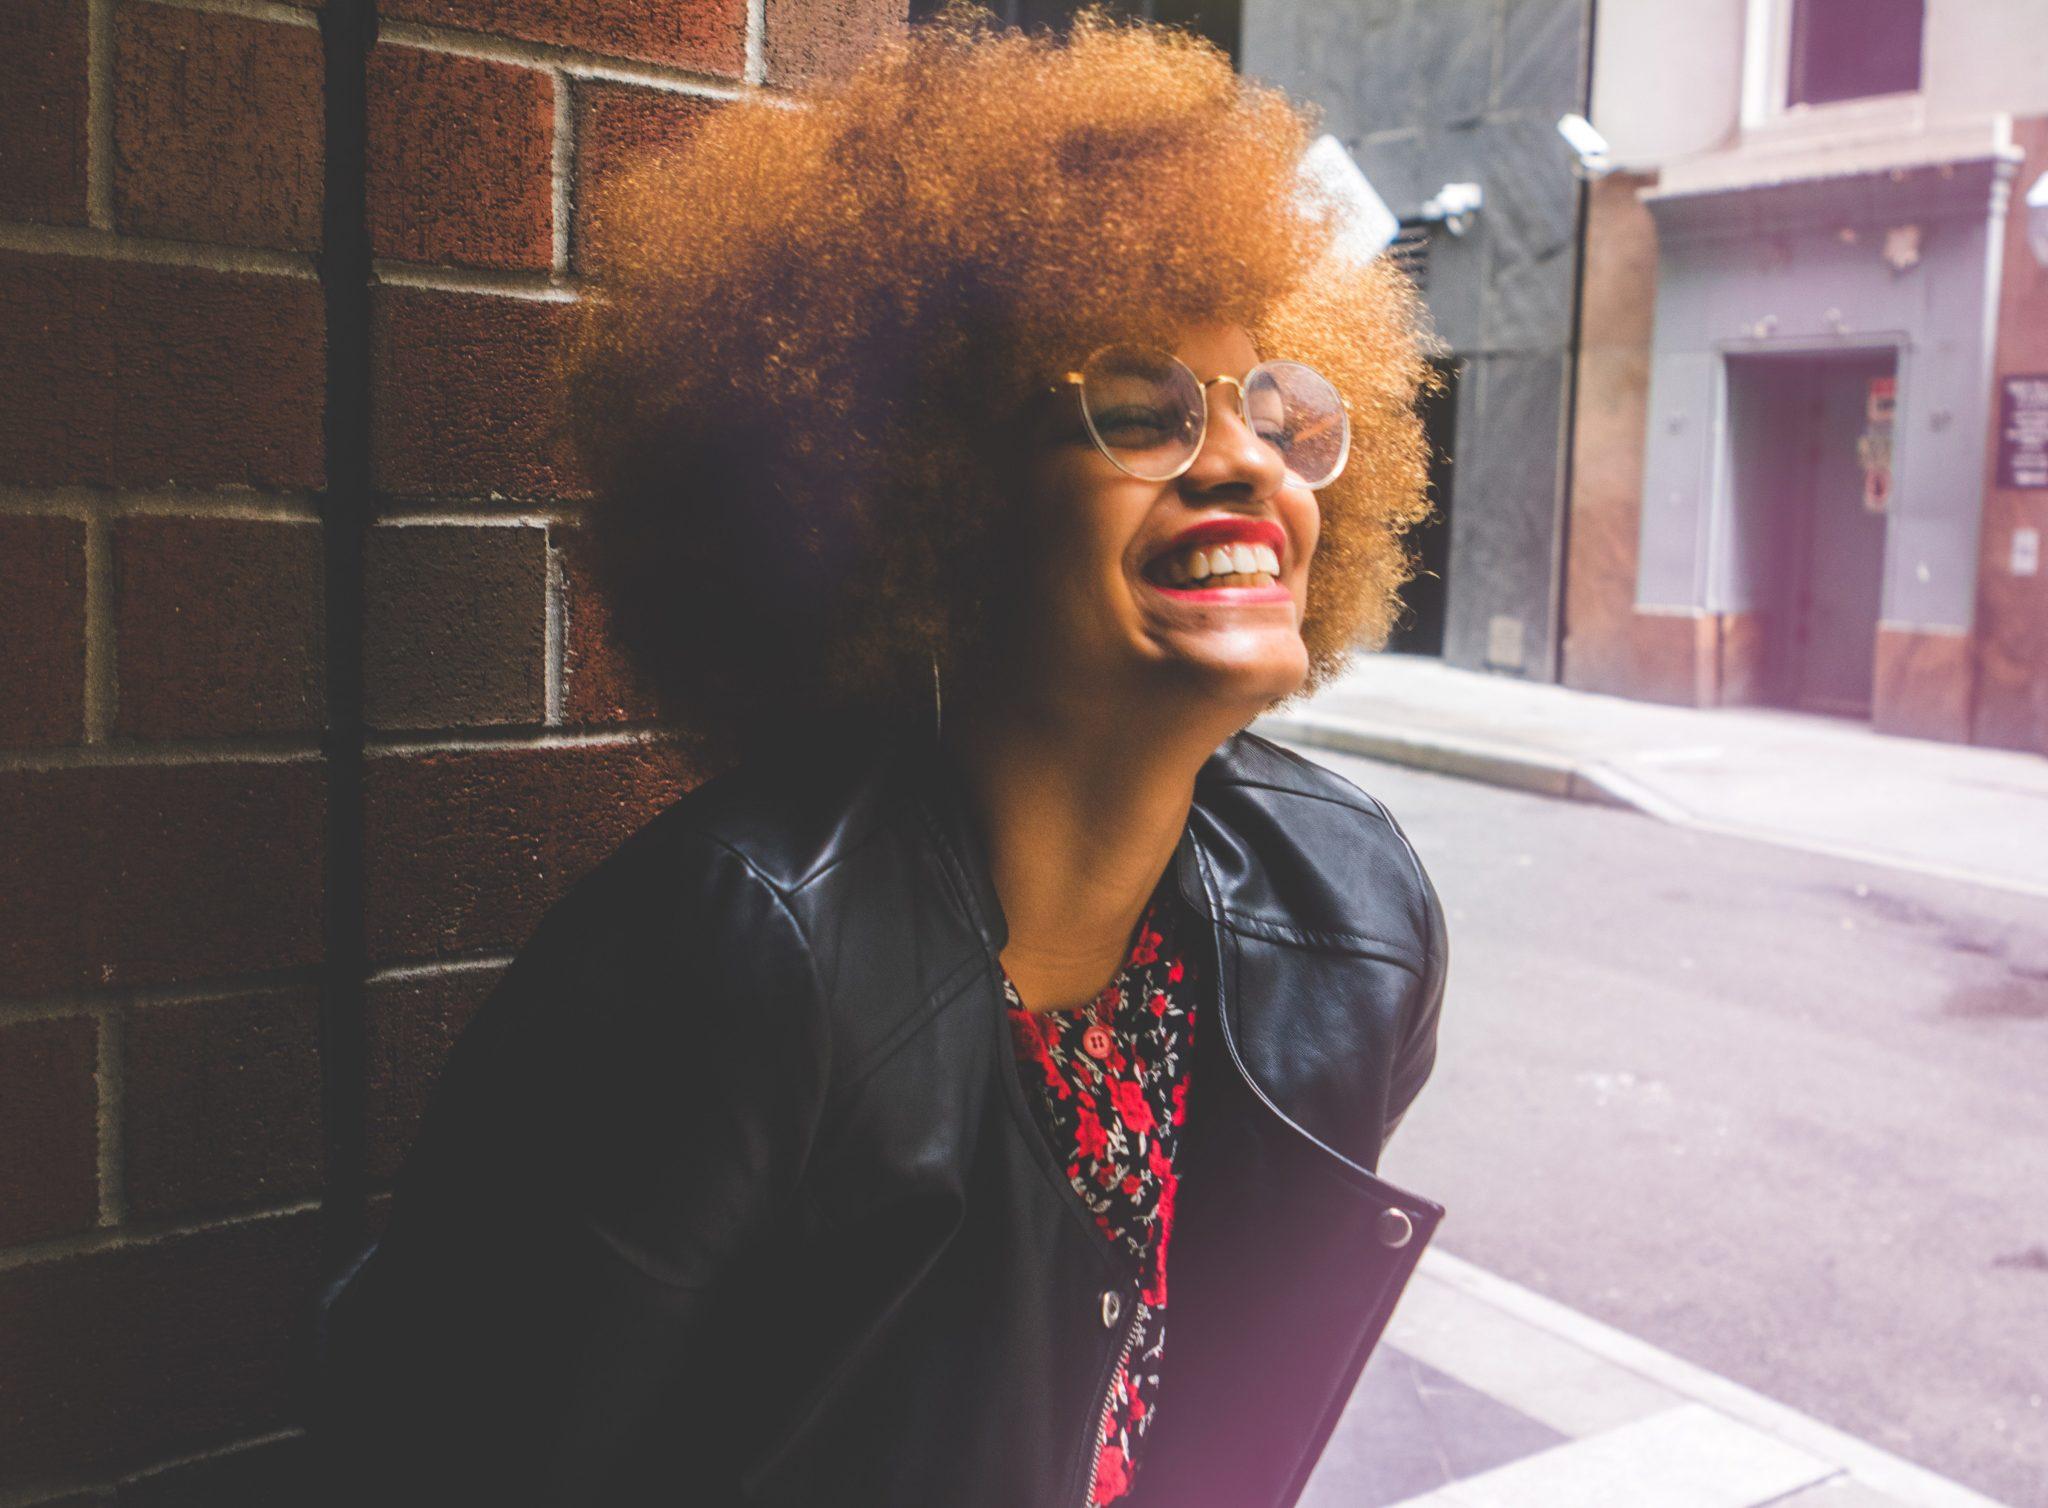 cortes para cabelos volumosos - Cortes para cabelos volumosos: melhores dicas e modelos de corte